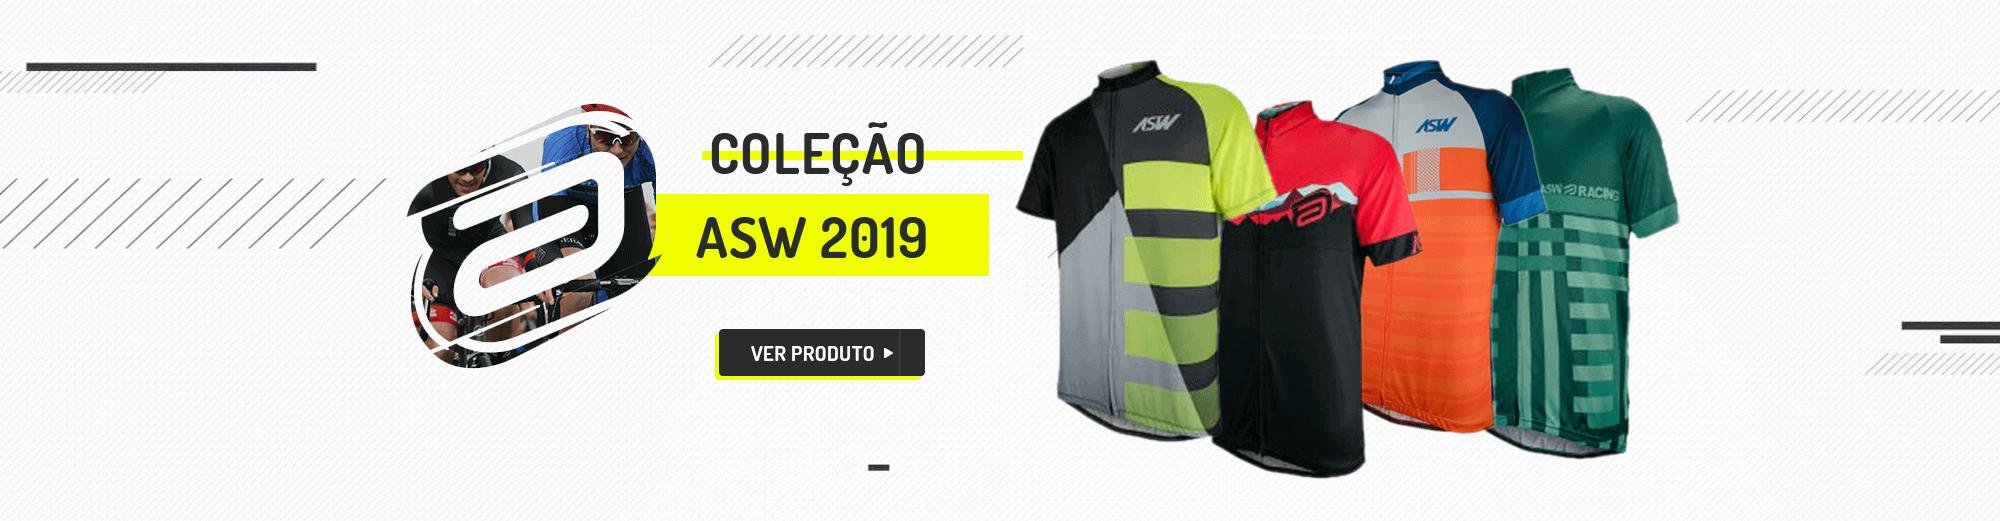 Coleção ASW 2019